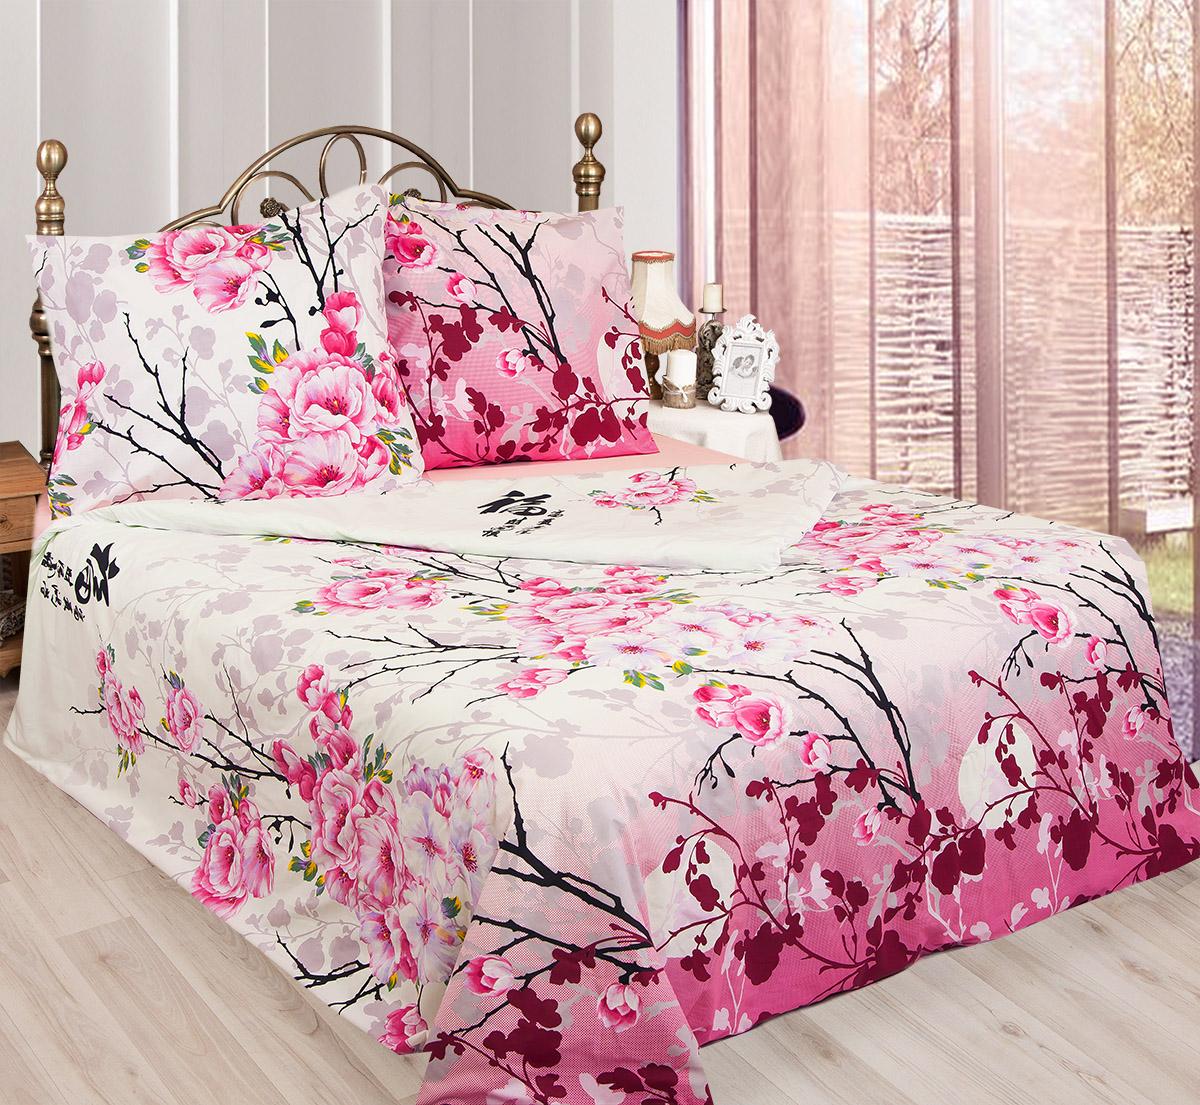 Комплект белья Sova & Javoronok Японский мотив, 2-спальный, наволочки 50х70, цвет: белый, розовый, сиреневый. 203111411